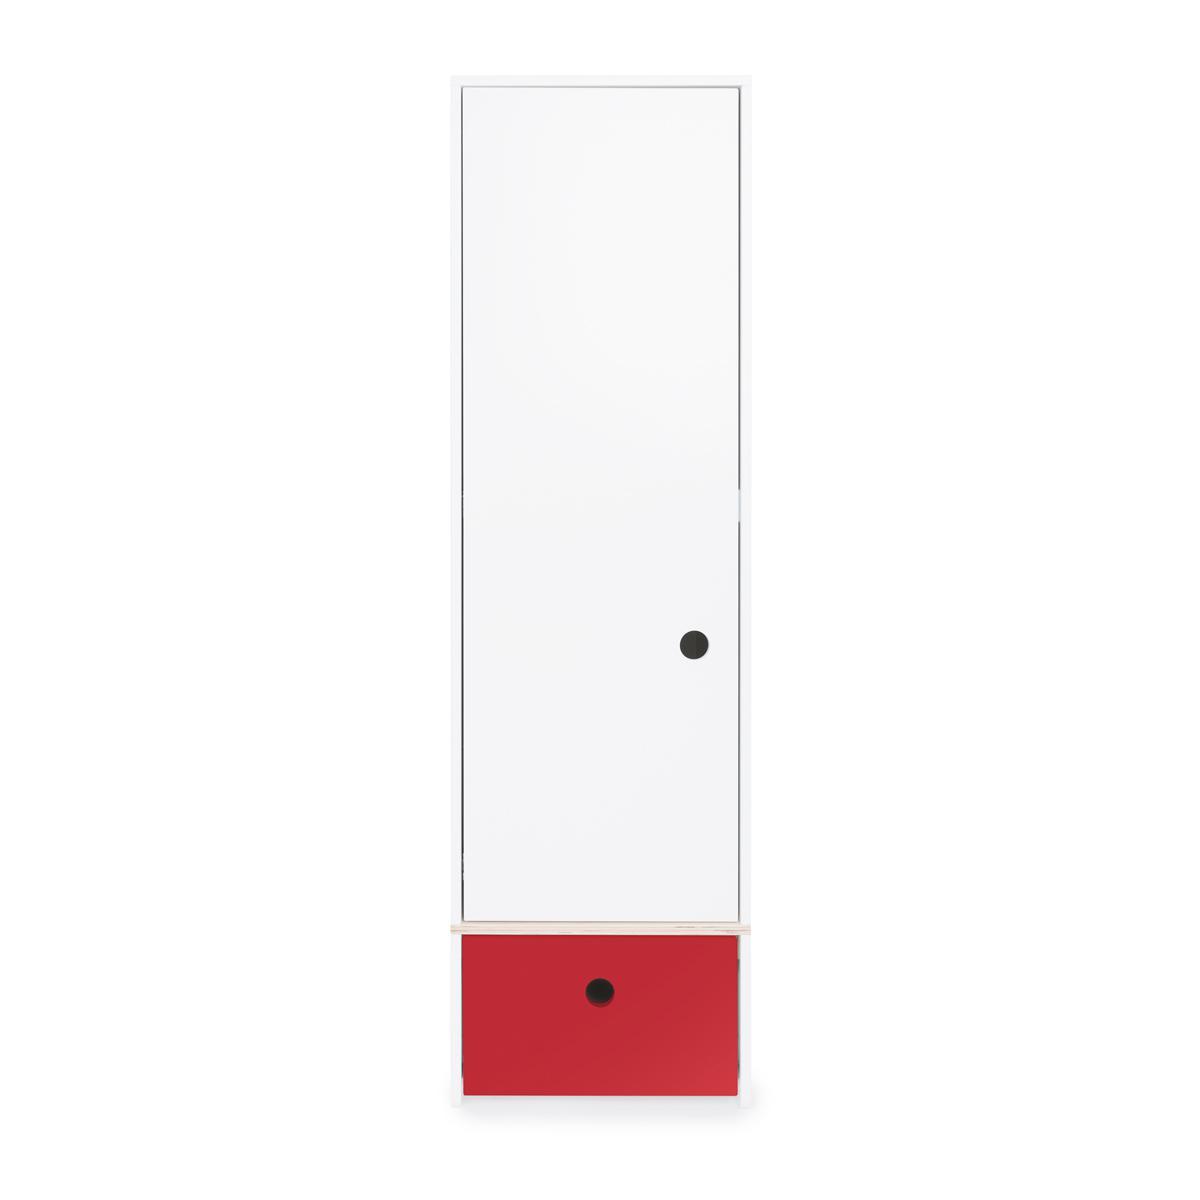 Armoire 1 porte COLORFLEX Abitare Kids façade tiroir true red